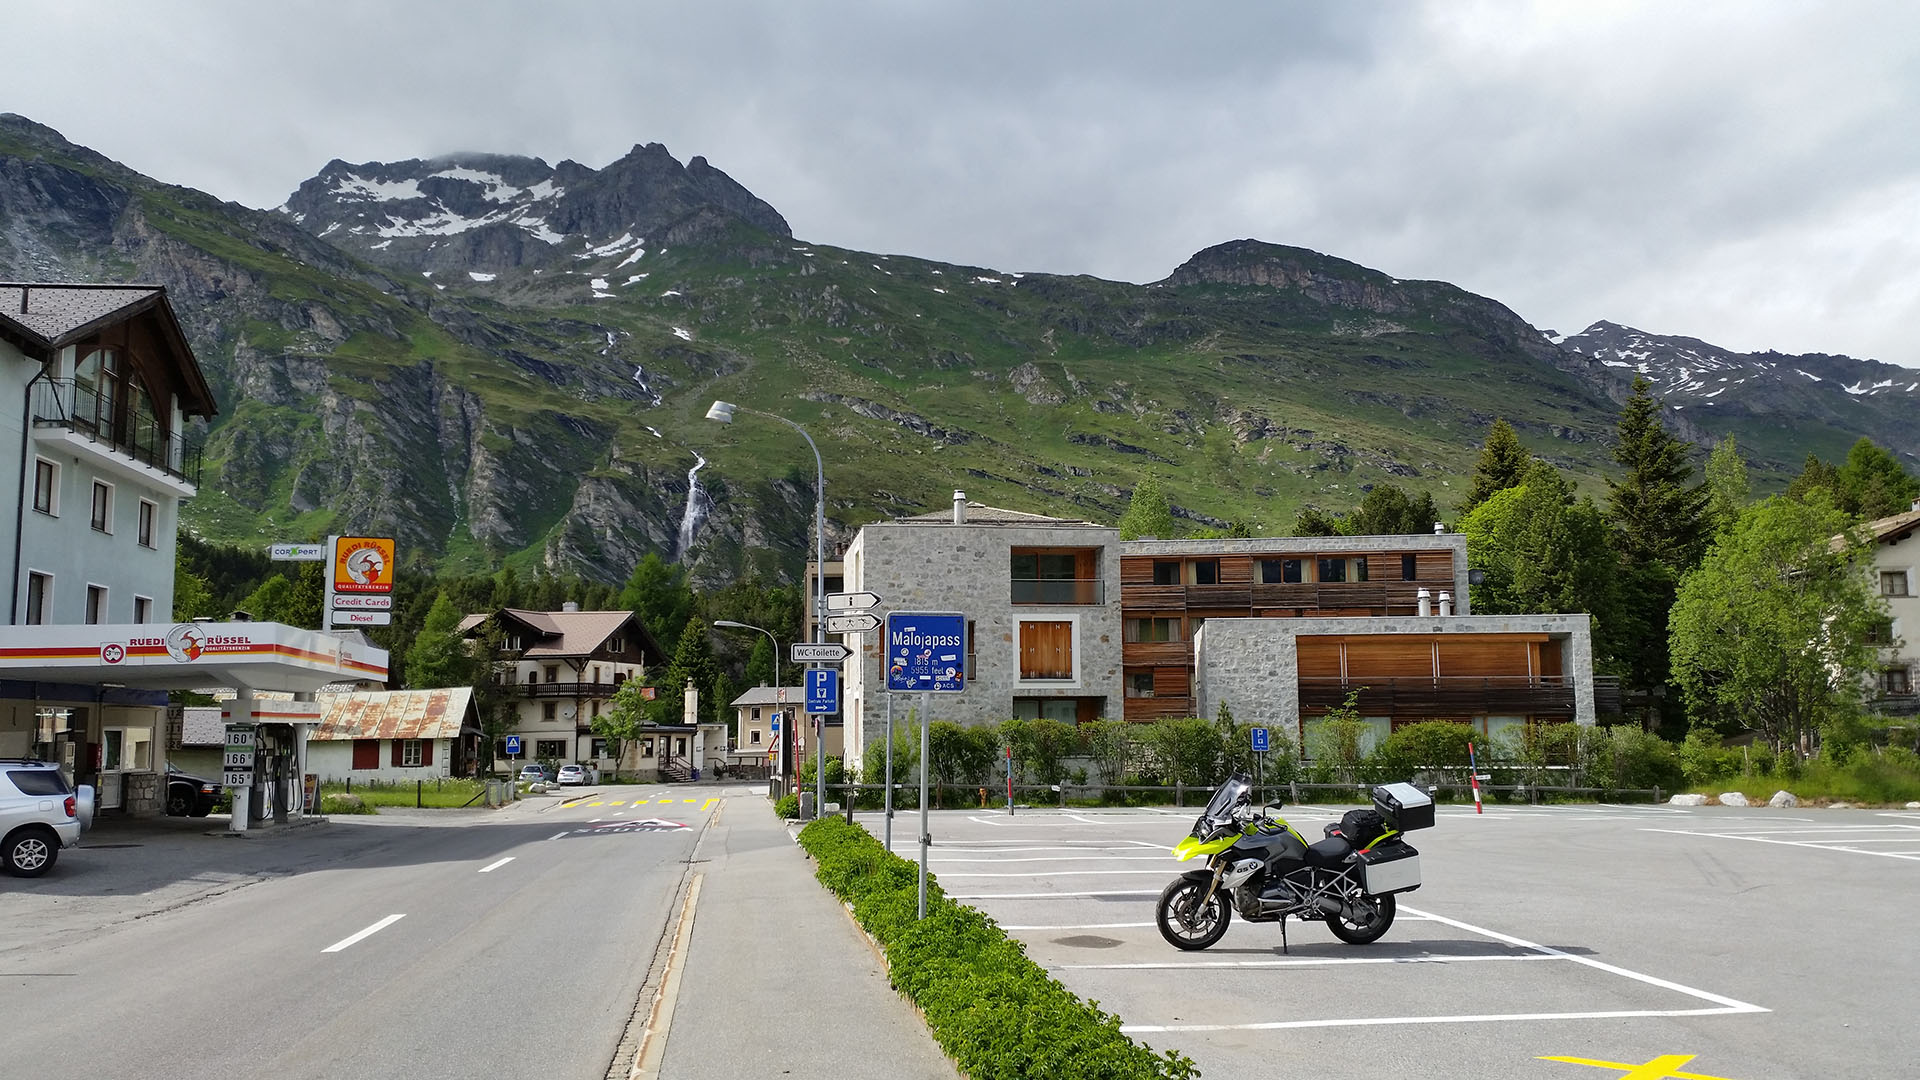 1815 - CH - Maloja-Pass